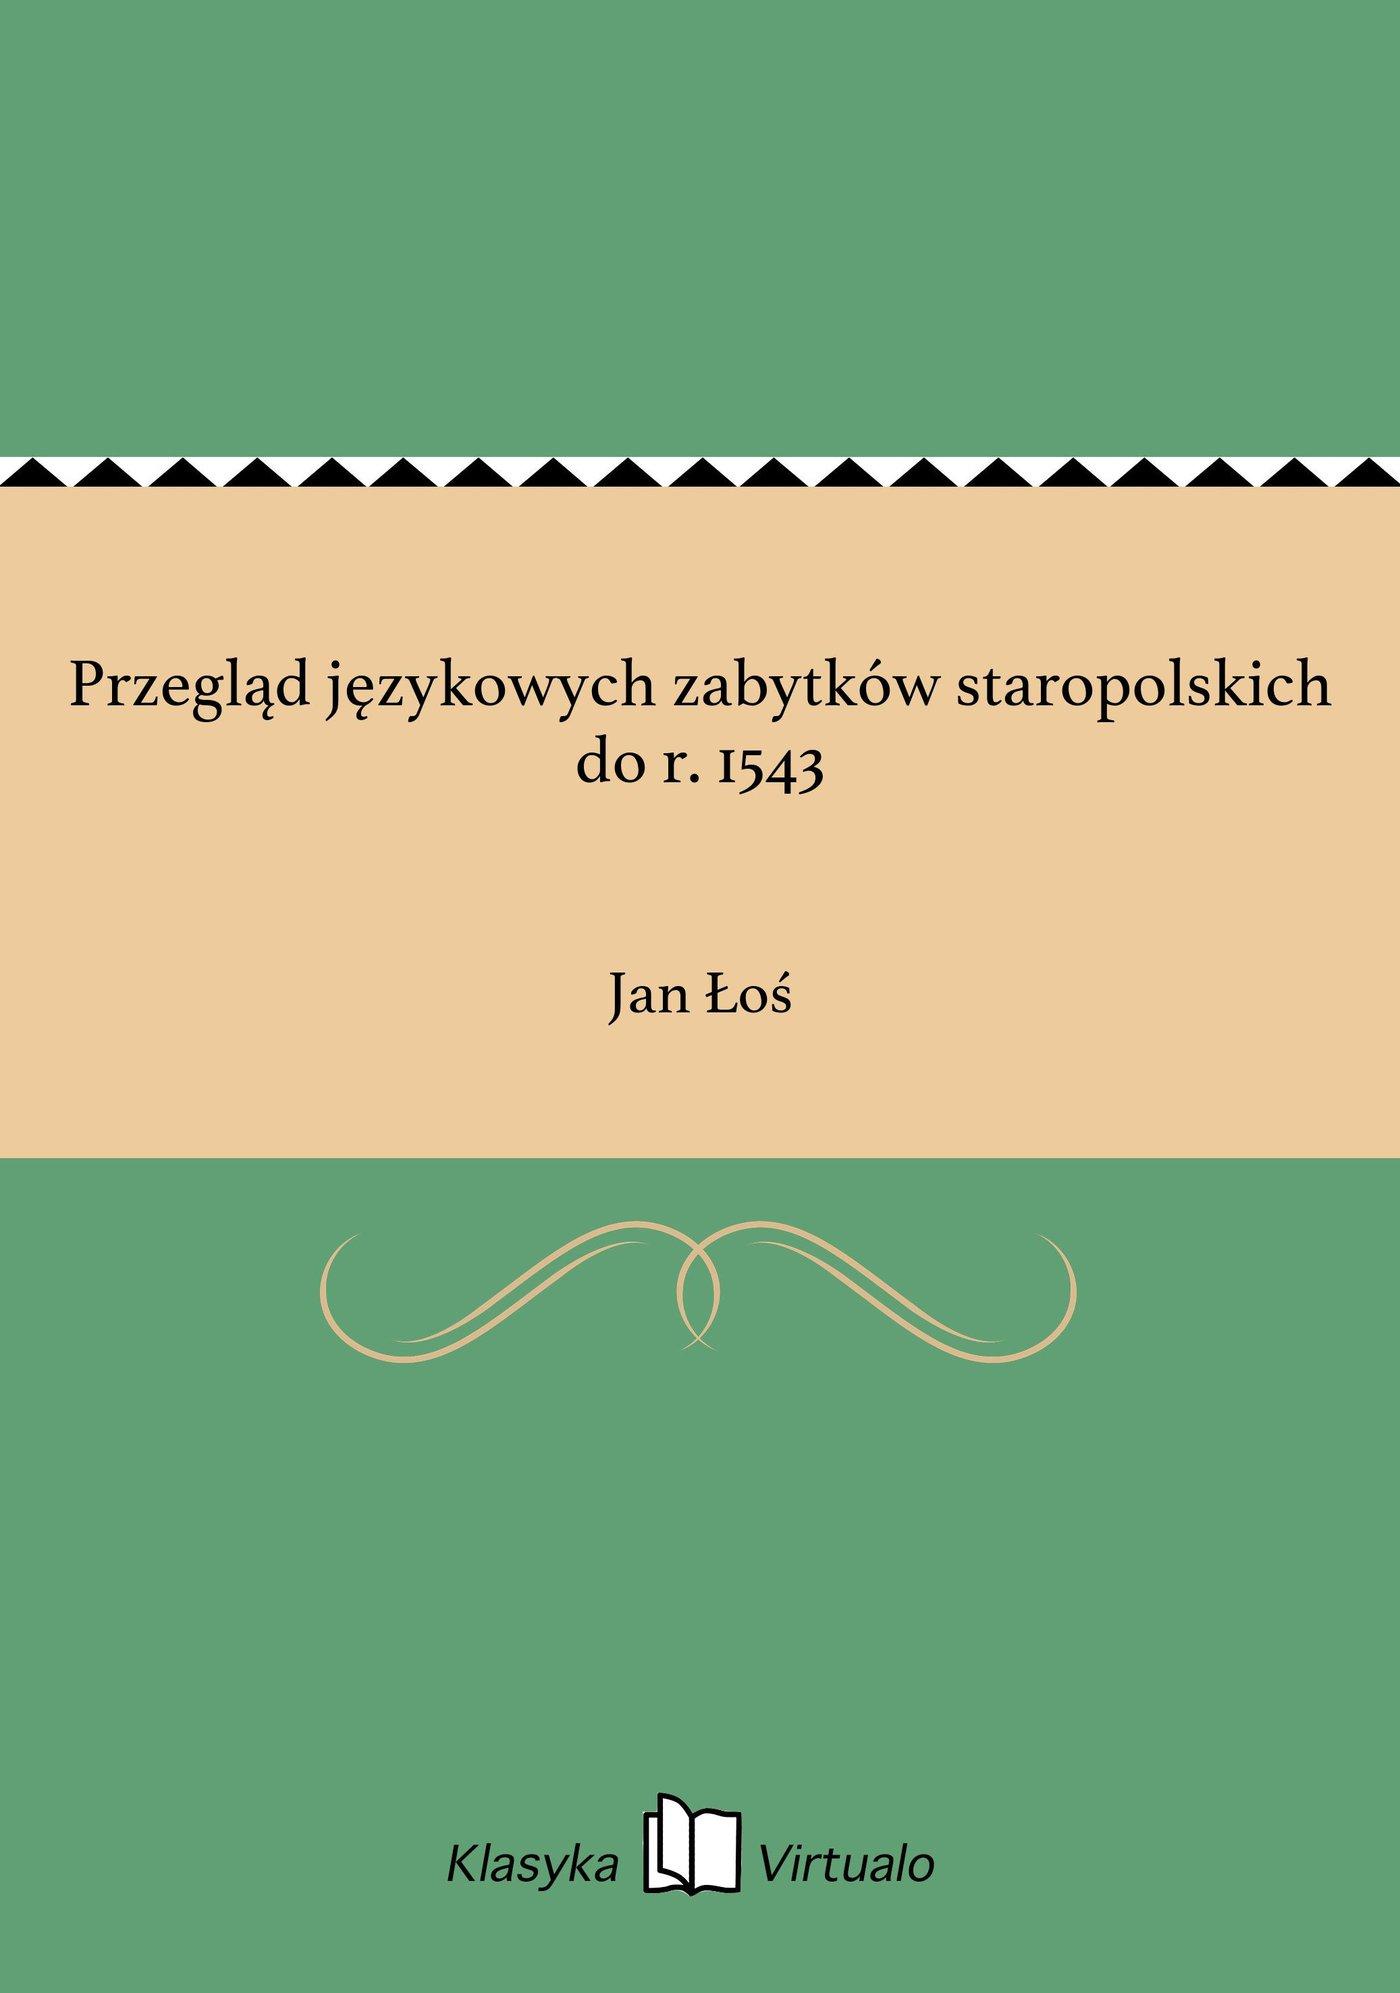 Przegląd językowych zabytków staropolskich do r. 1543 - Ebook (Książka EPUB) do pobrania w formacie EPUB